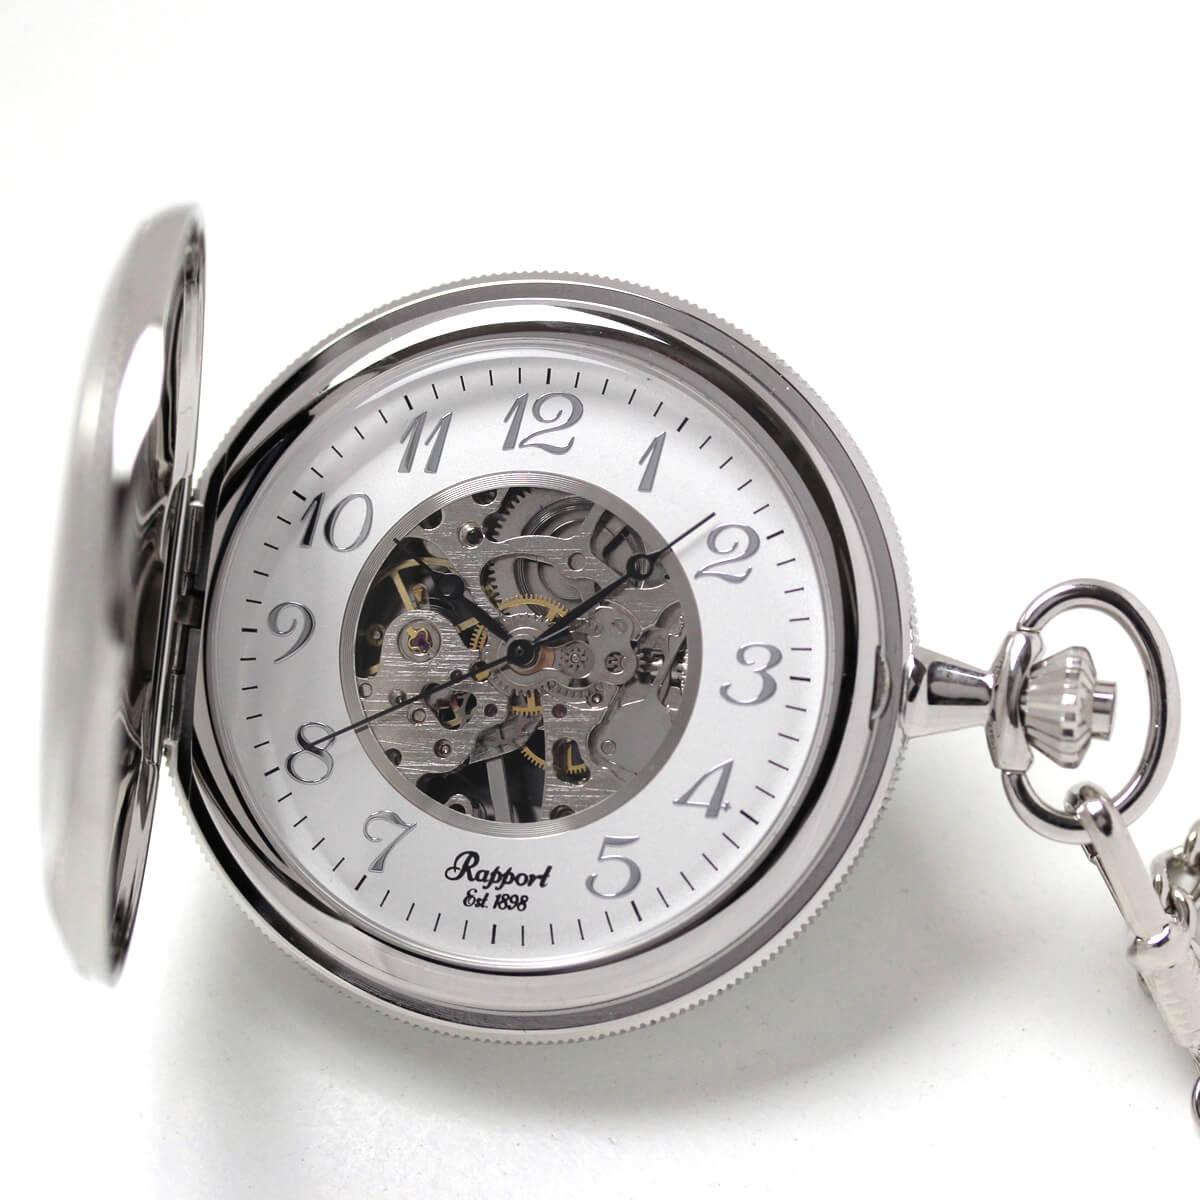 イギリスブランド rapport(ラポート) 懐中時計 pw47 シルバーカラーの両蓋開きスケルトンモデル